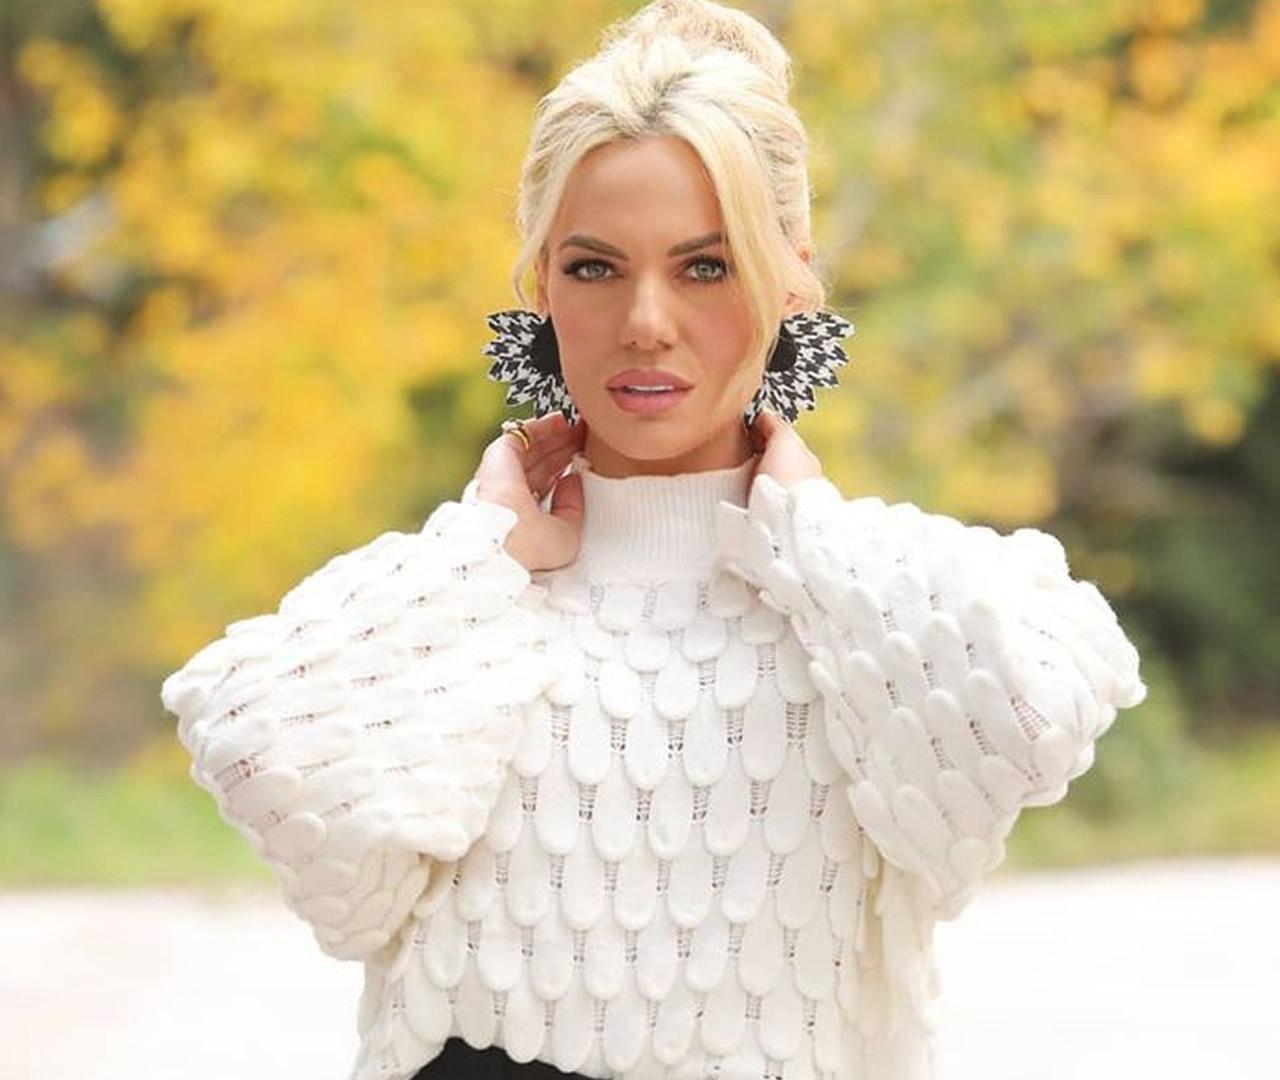 Ιωάννα Μαλέσκου: Θα τρελαθείς με την πιο εντυπωσιακή της εμφάνιση